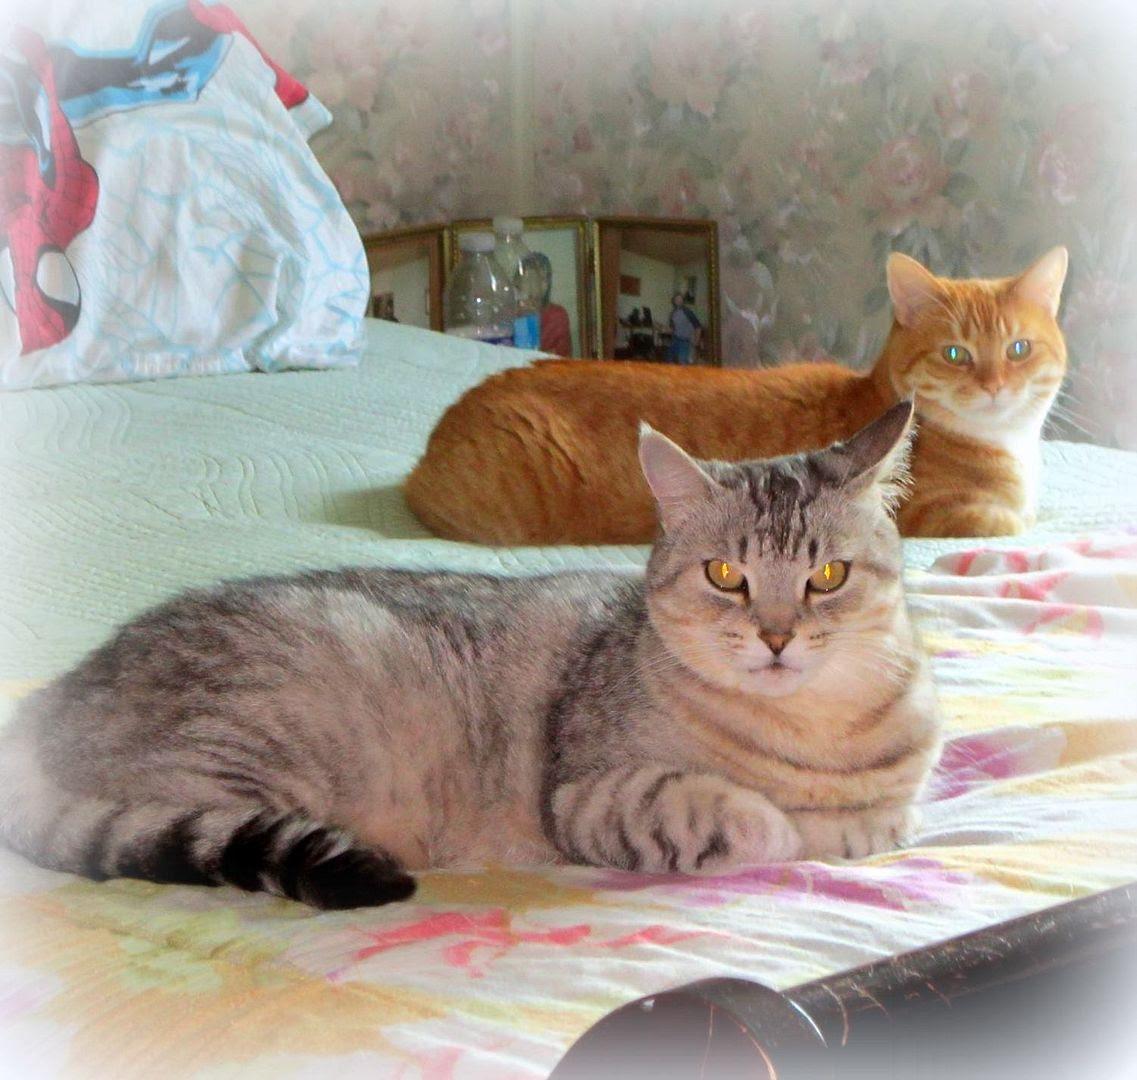 photo twocats_zps18d2b150.jpg